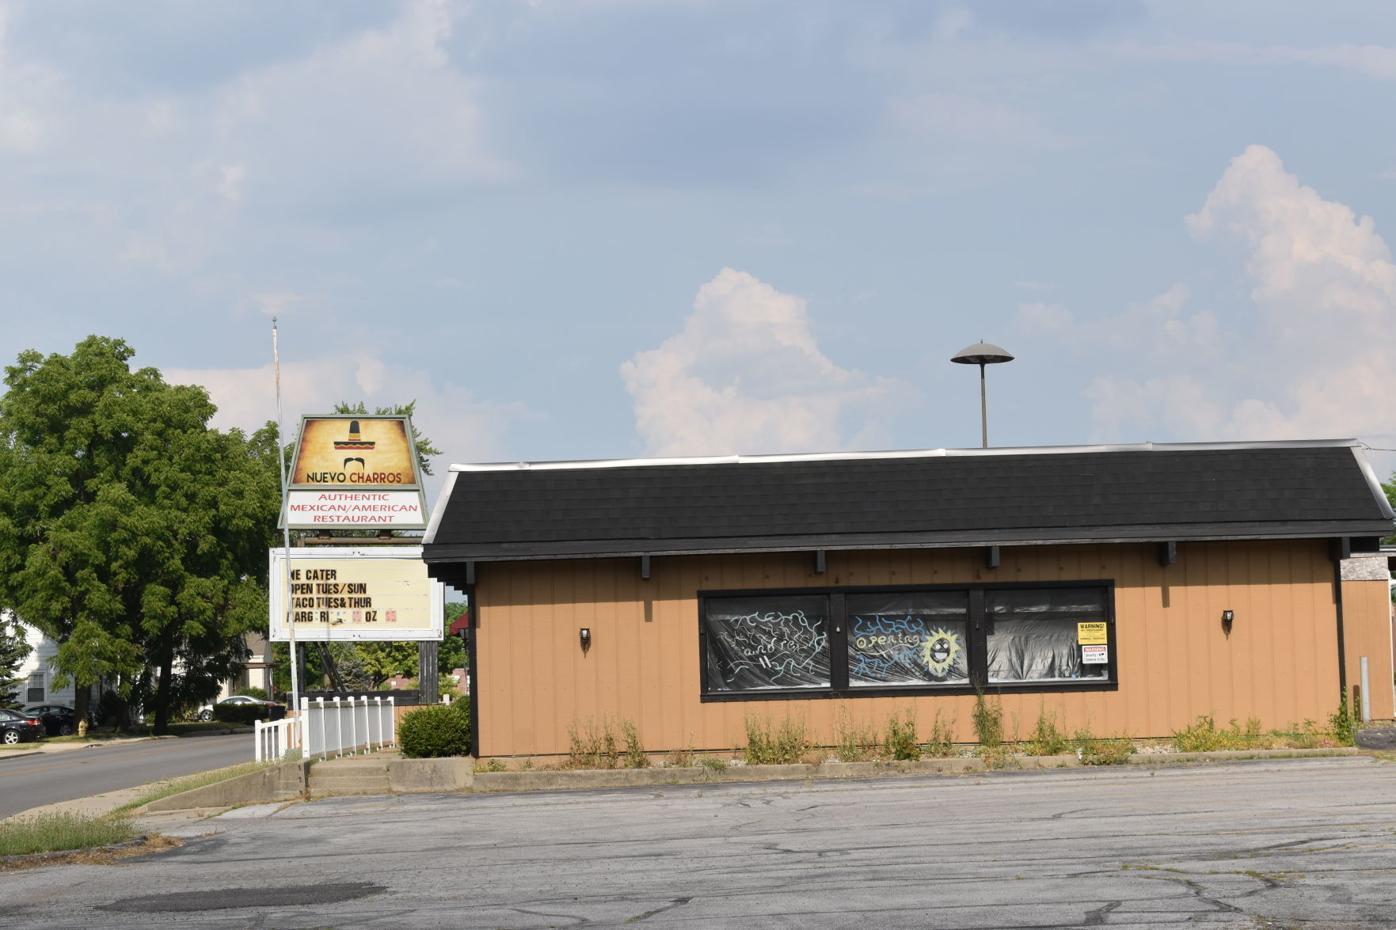 Former restaurant